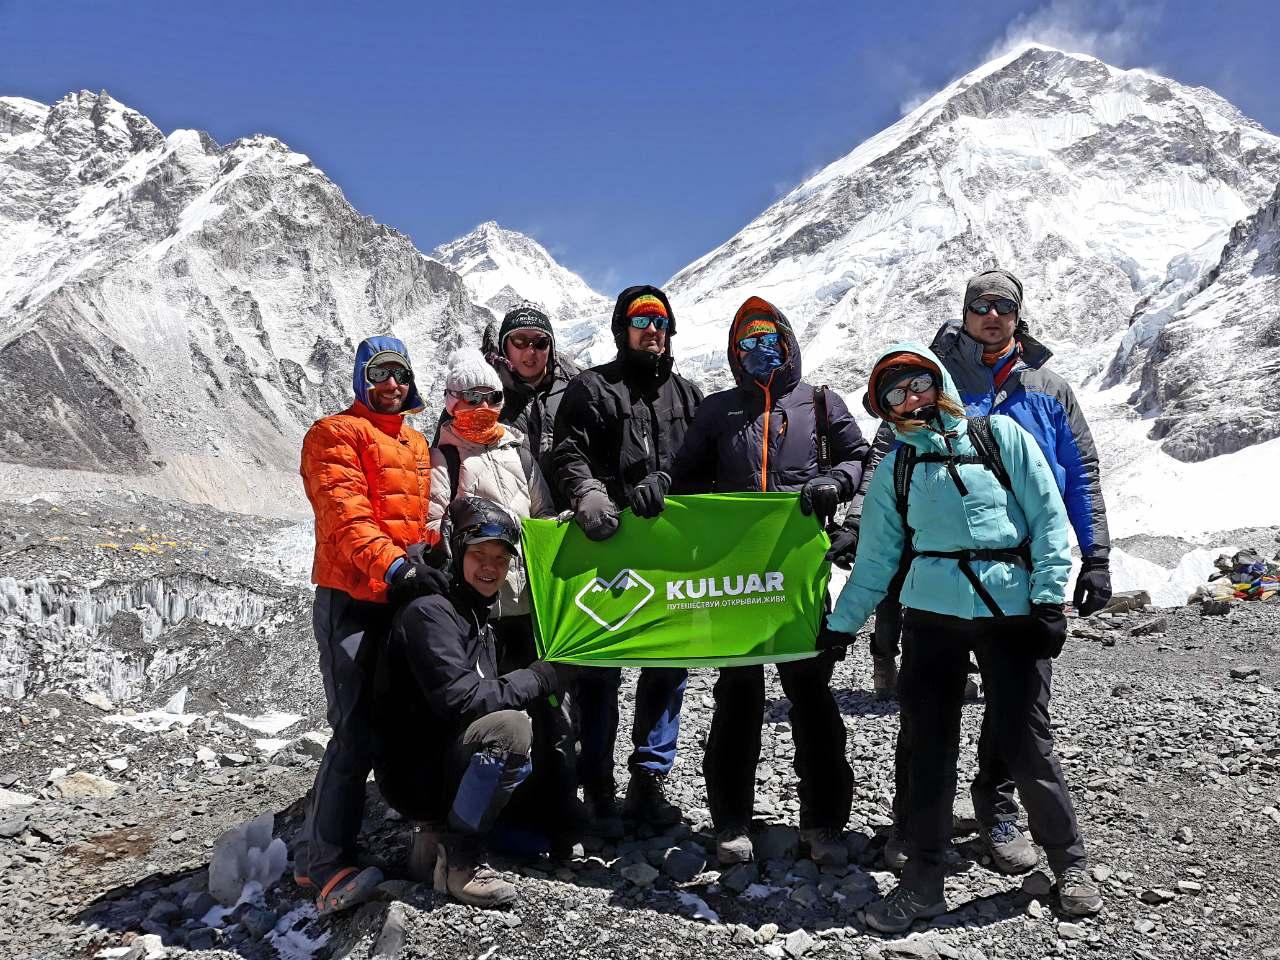 Кулуар в базовом лагере Эвереста